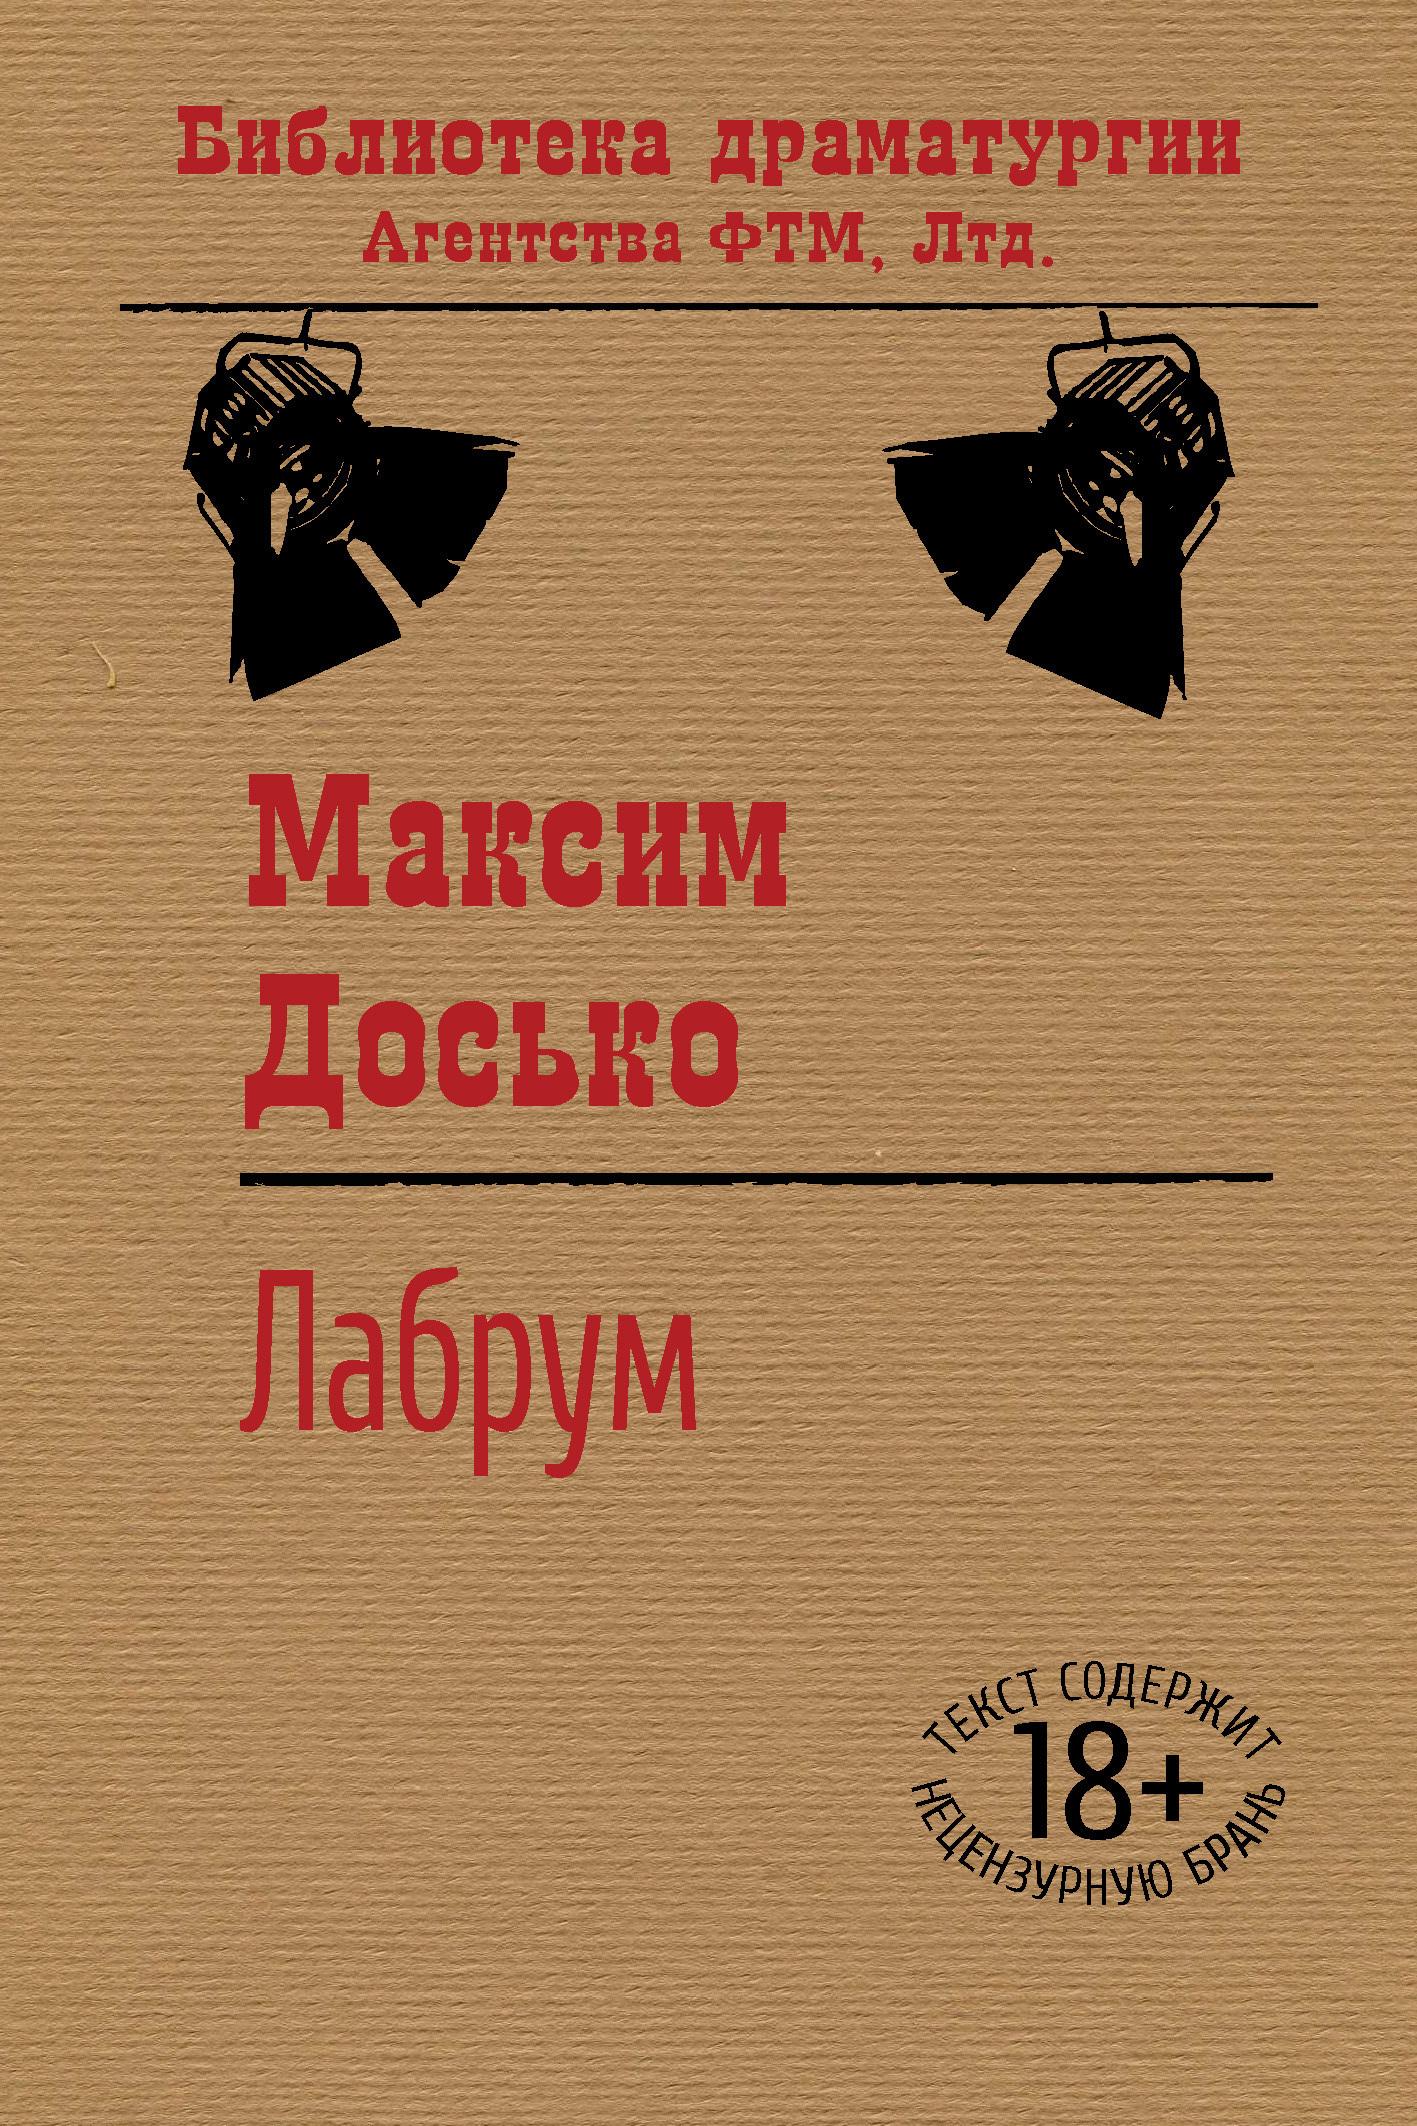 Максим Досько - Лабрум